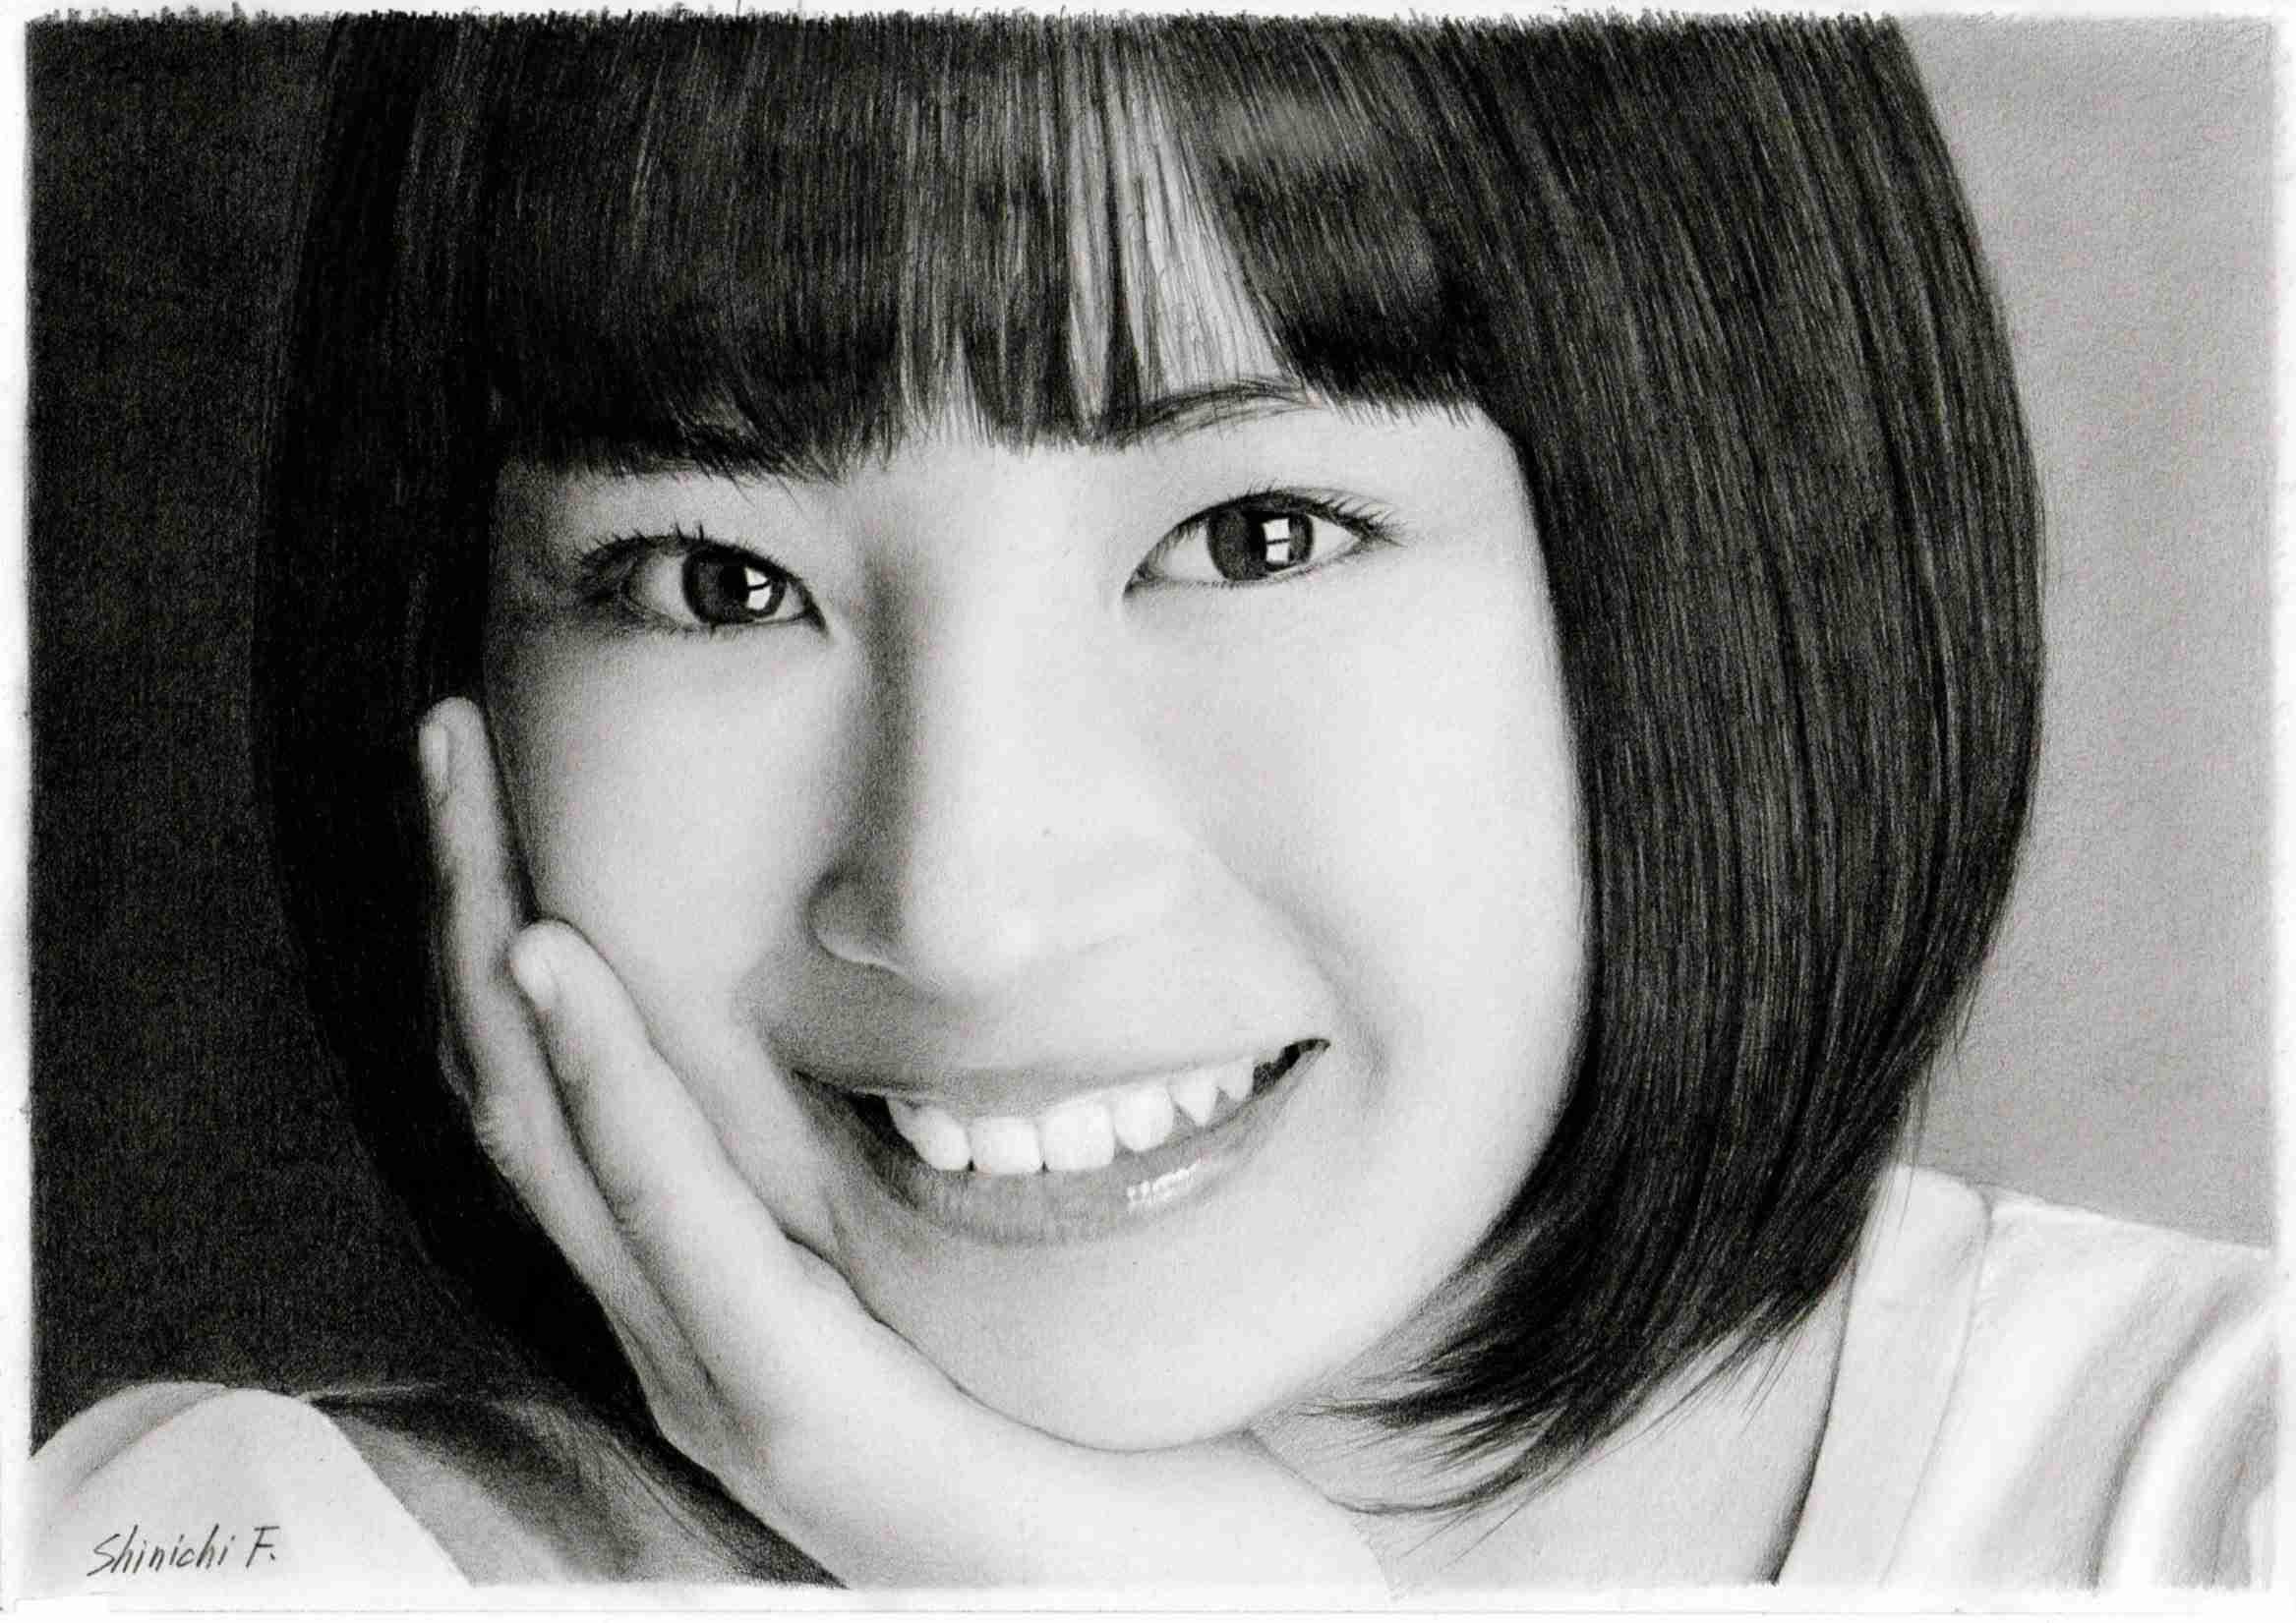 鉛筆画 広瀬すず 完成までの一部始終 動画 早送り / Pencil drawing/ Suzu Hirose/ Portrait/ How To Draw - YouTube